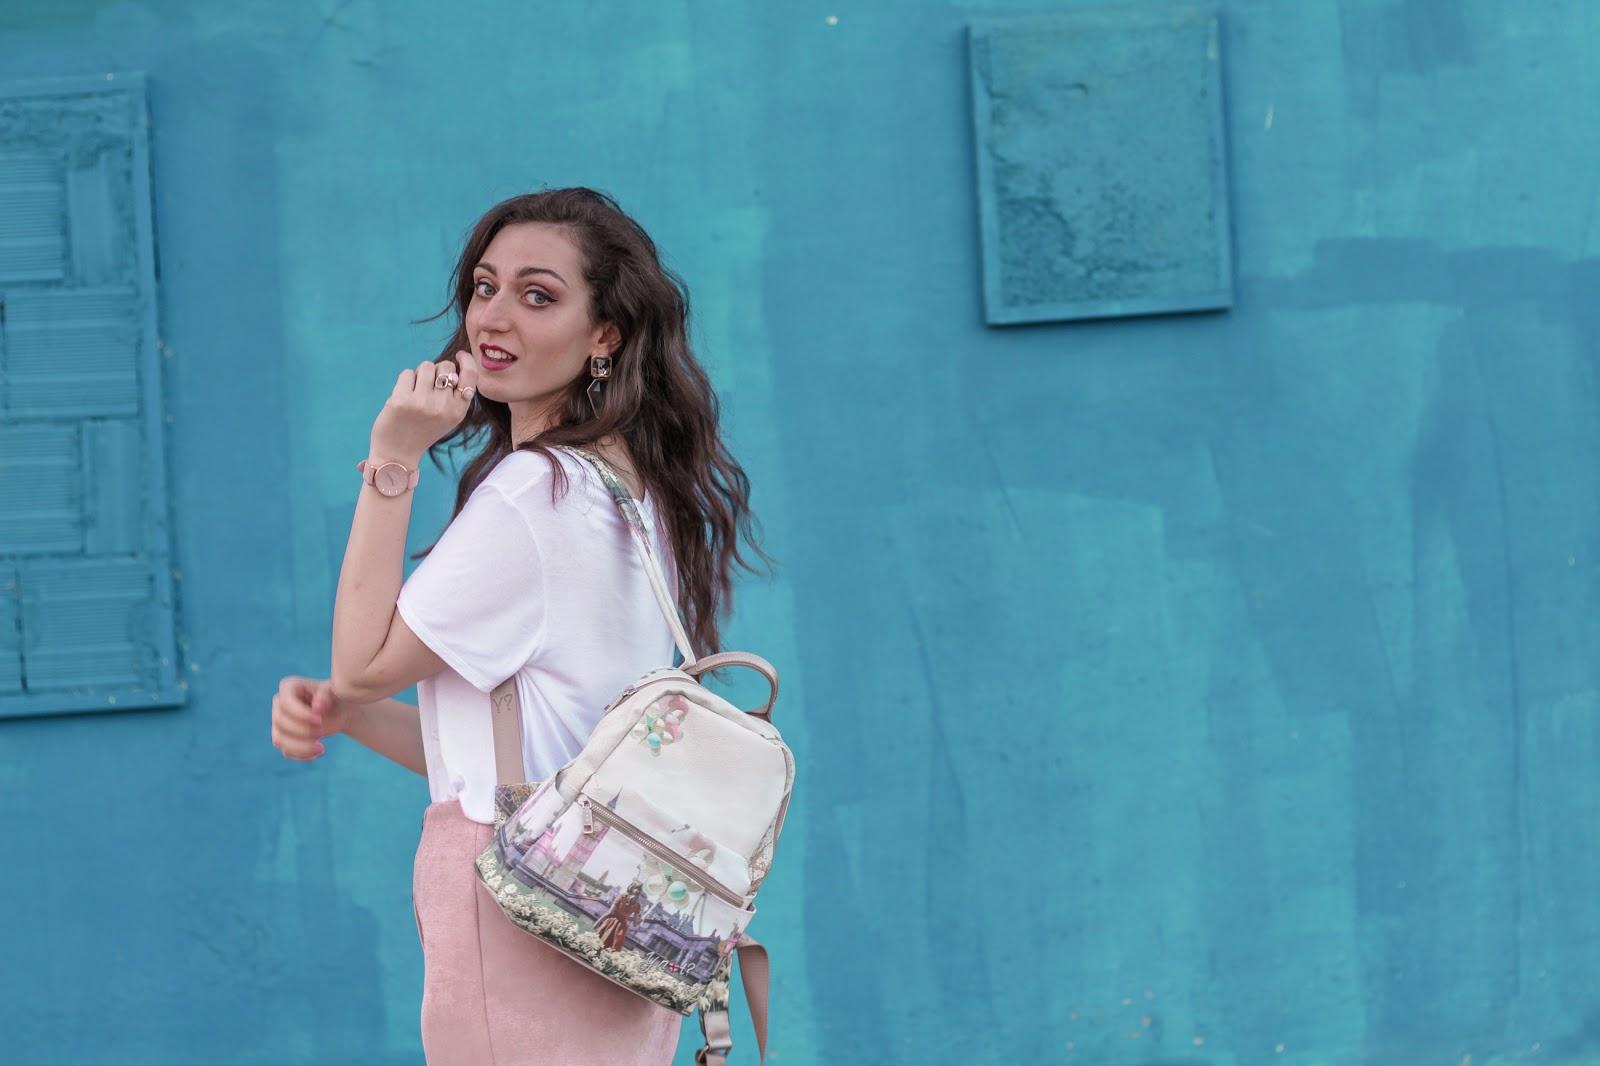 ZAINO in spalla, la nuova TENDENZA: ora si porta come una borsa!